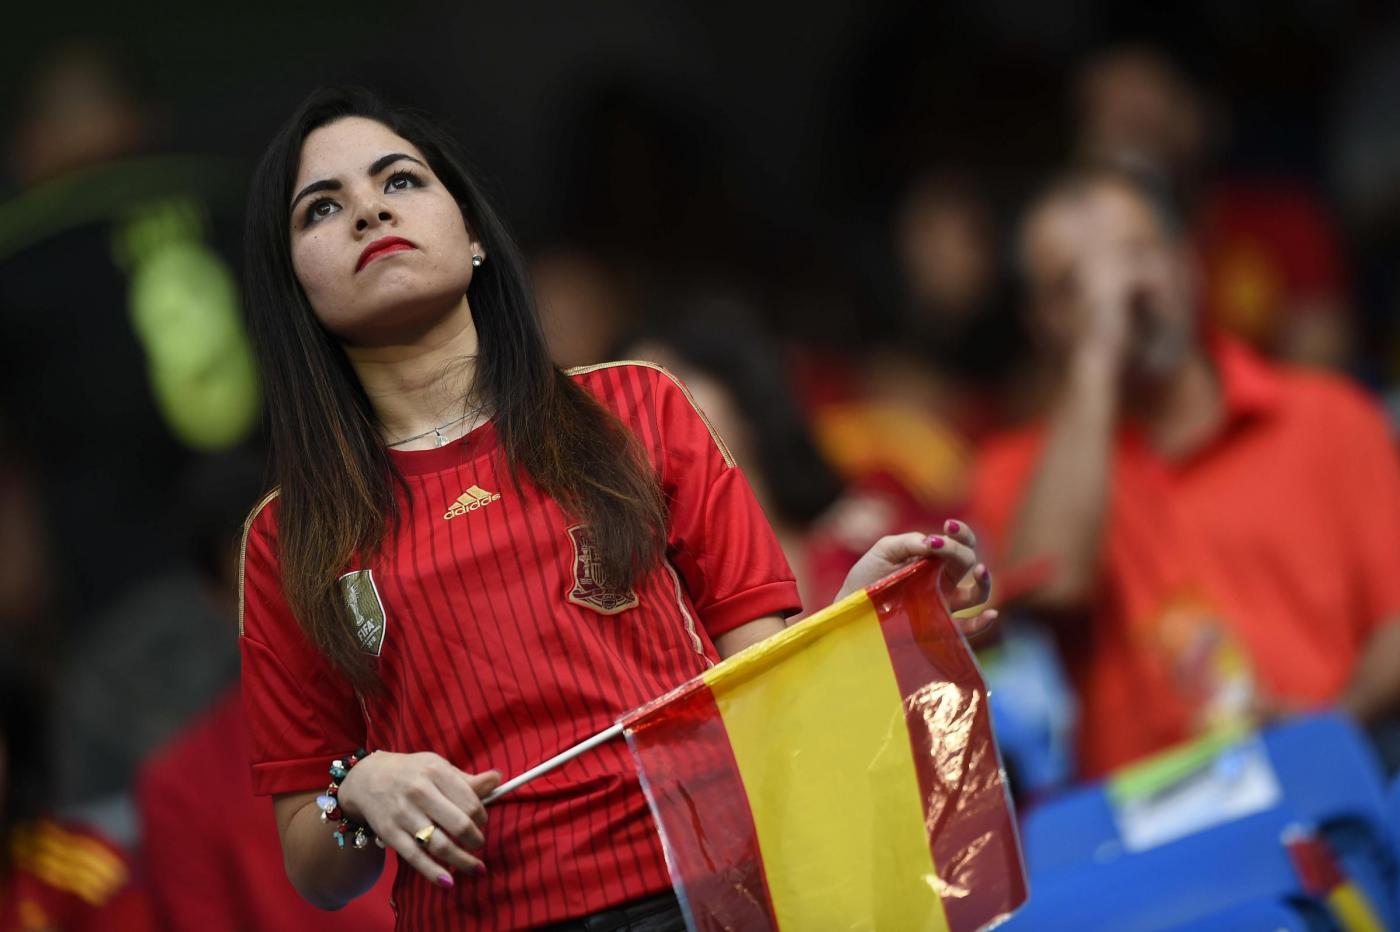 Copa Federacion, Cornella-Poblense 10 gennaio: analisi e pronostico del torneo riservato alle squadre spagnole di categorie inferiori